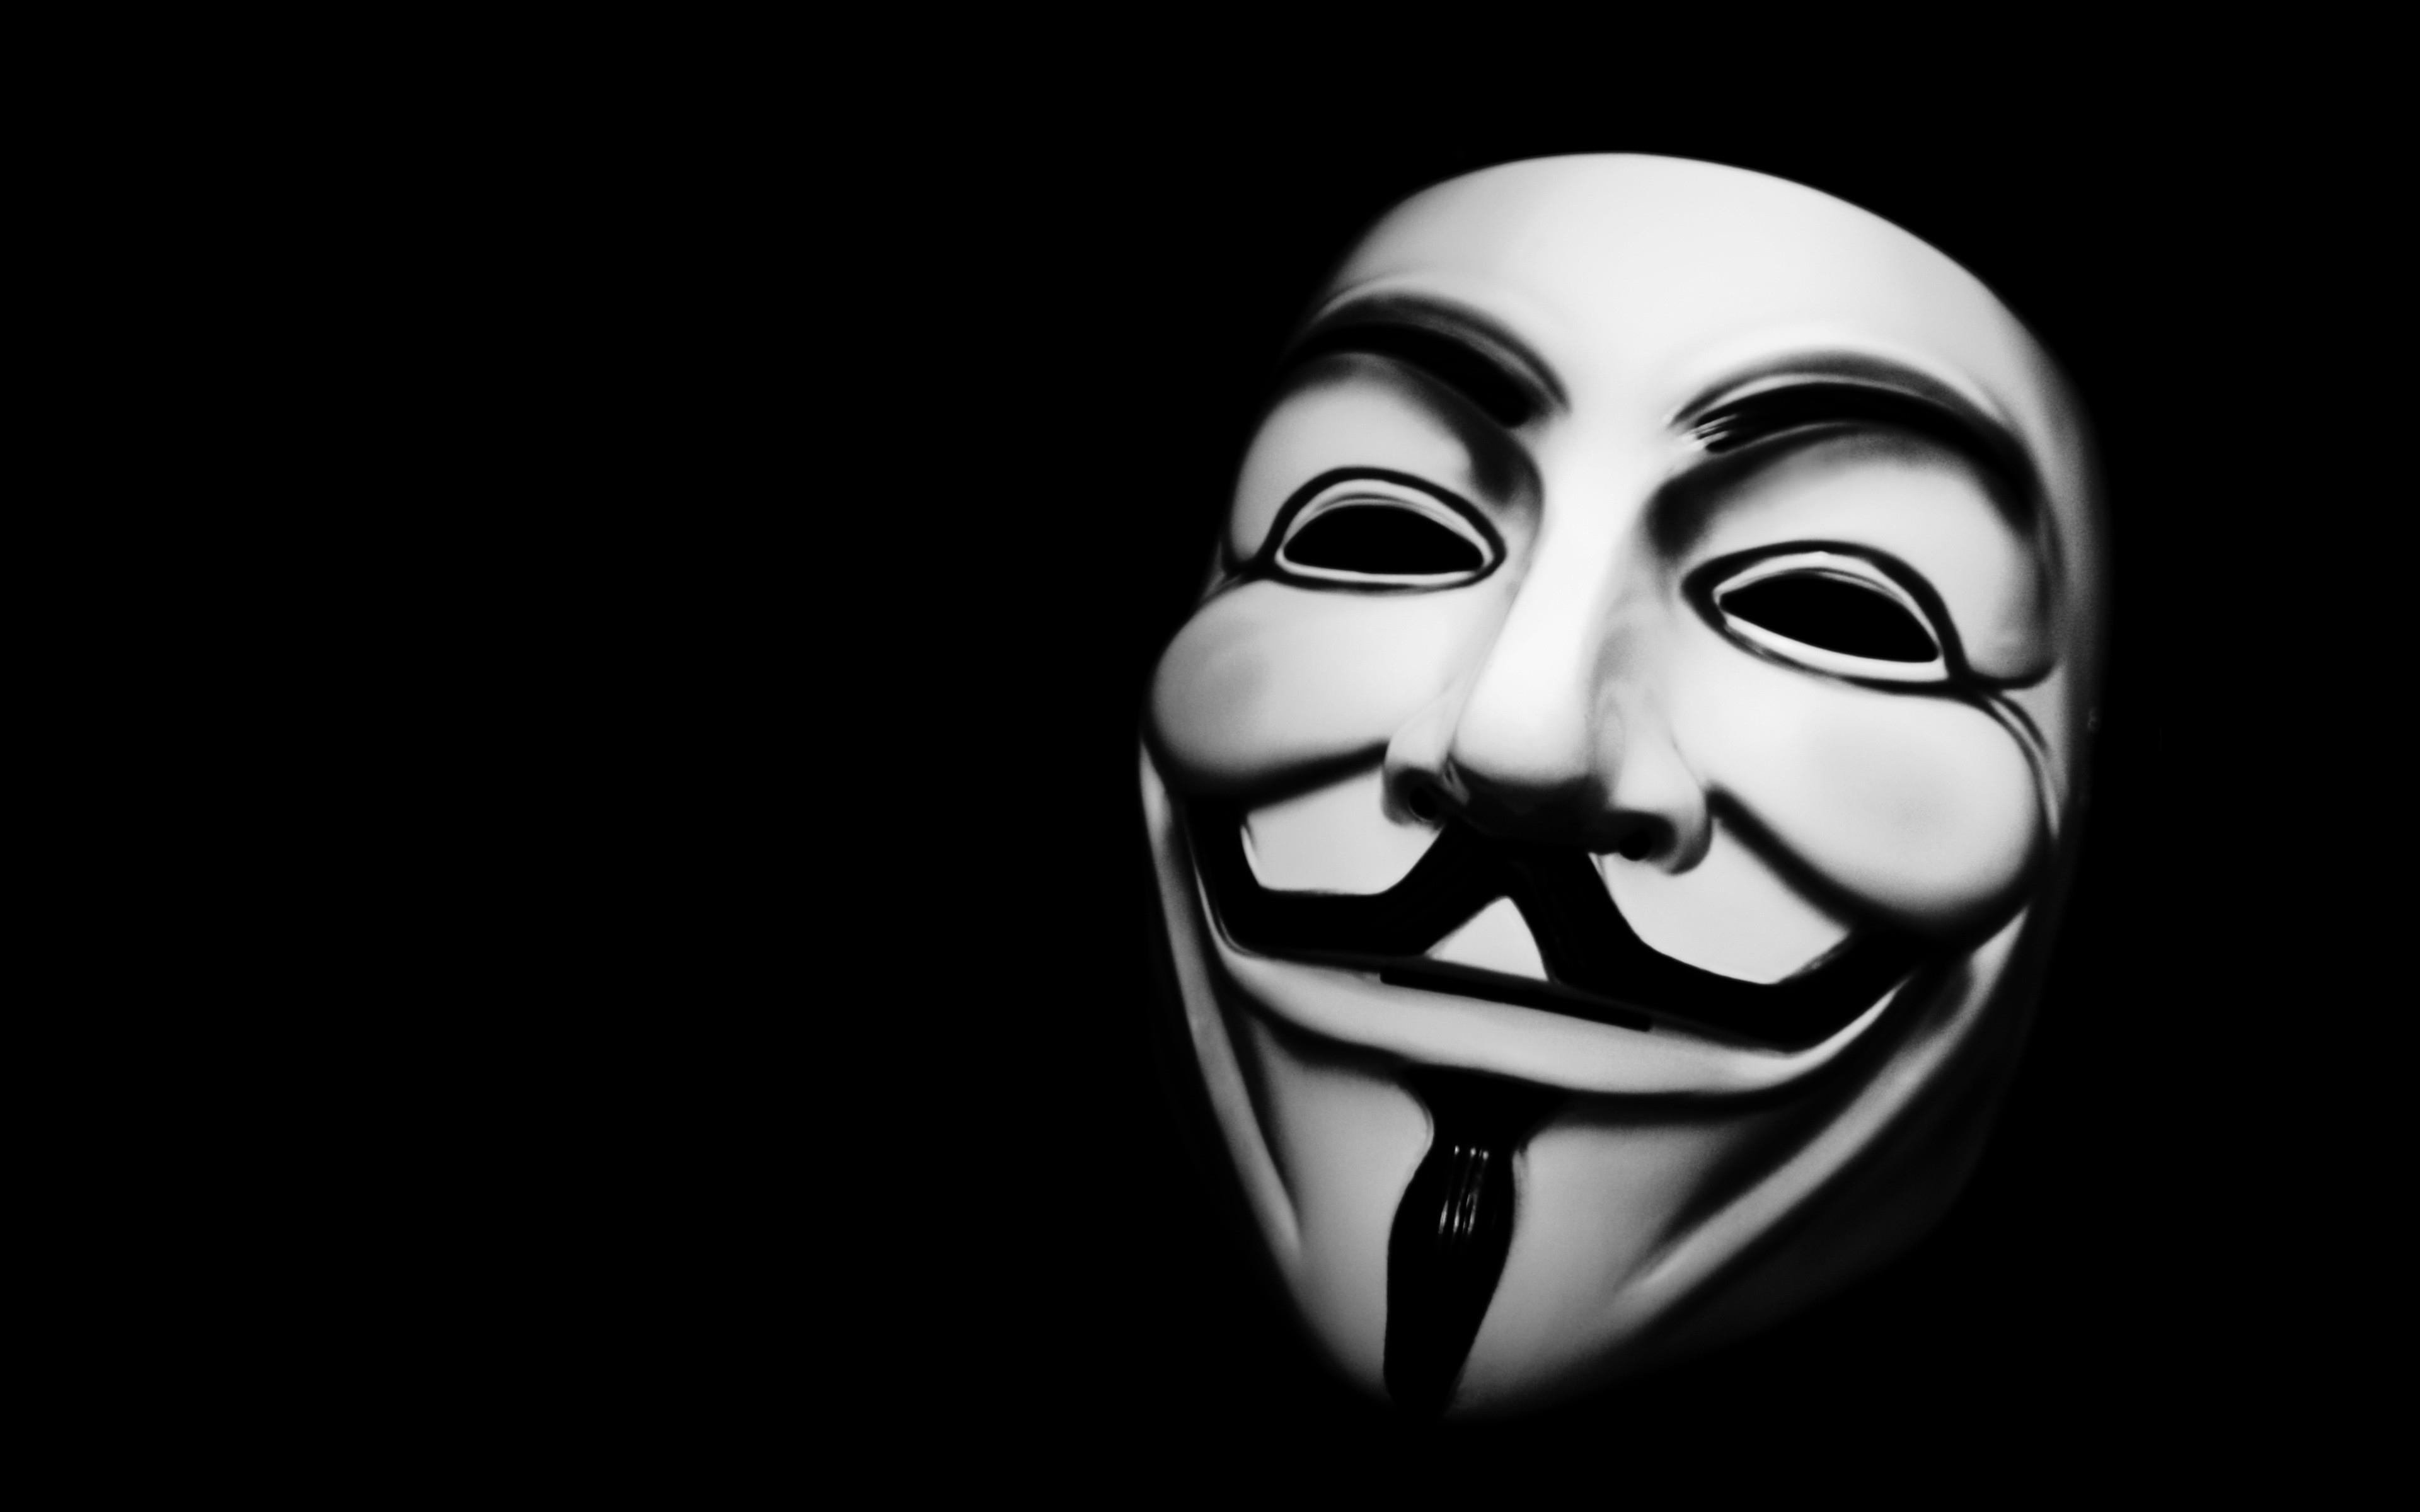 49 V For Vendetta Mask Wallpaper On Wallpapersafari